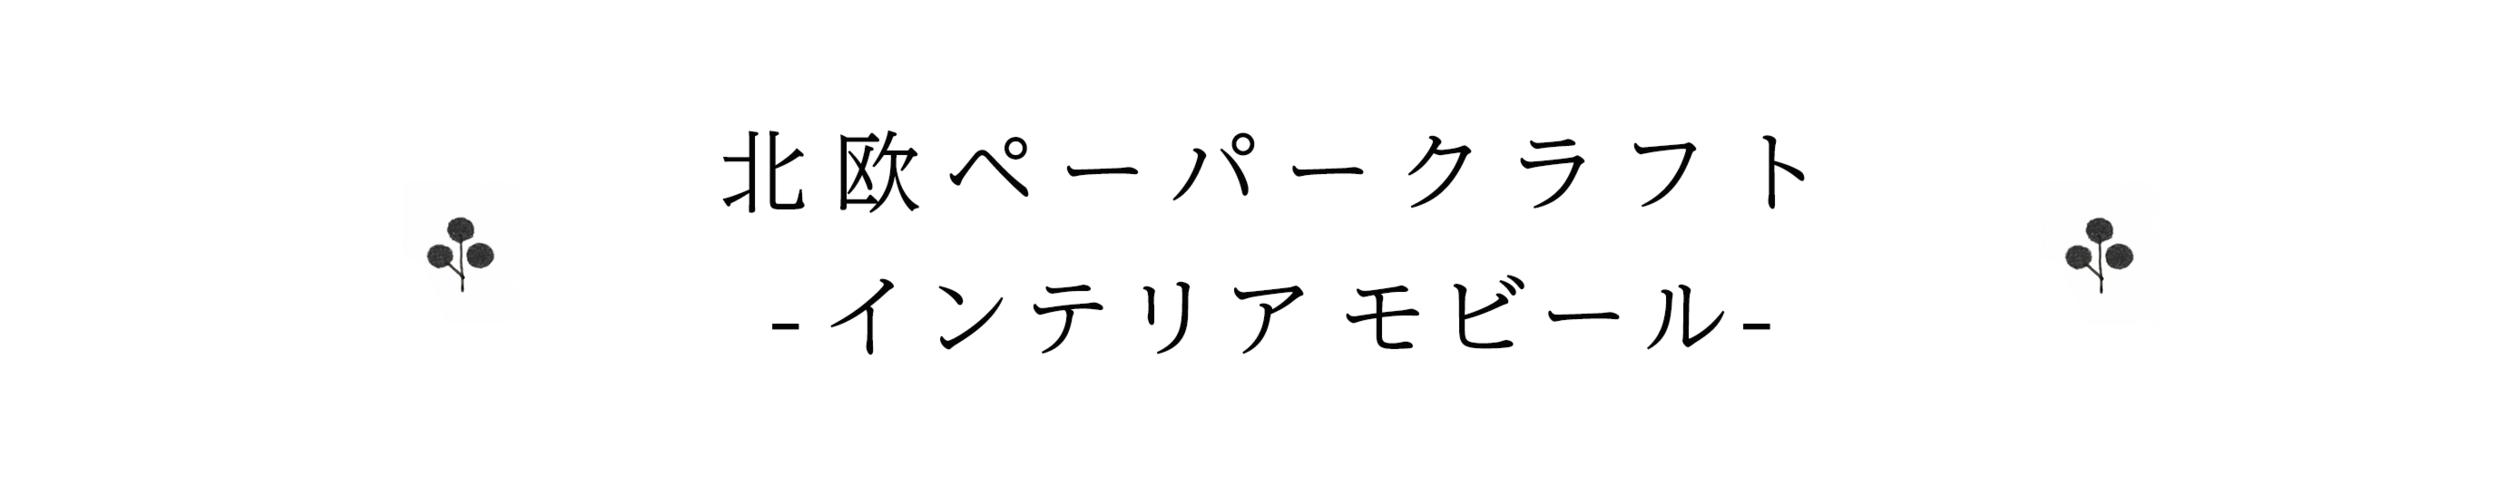 タイトル_インテリアモビール.png